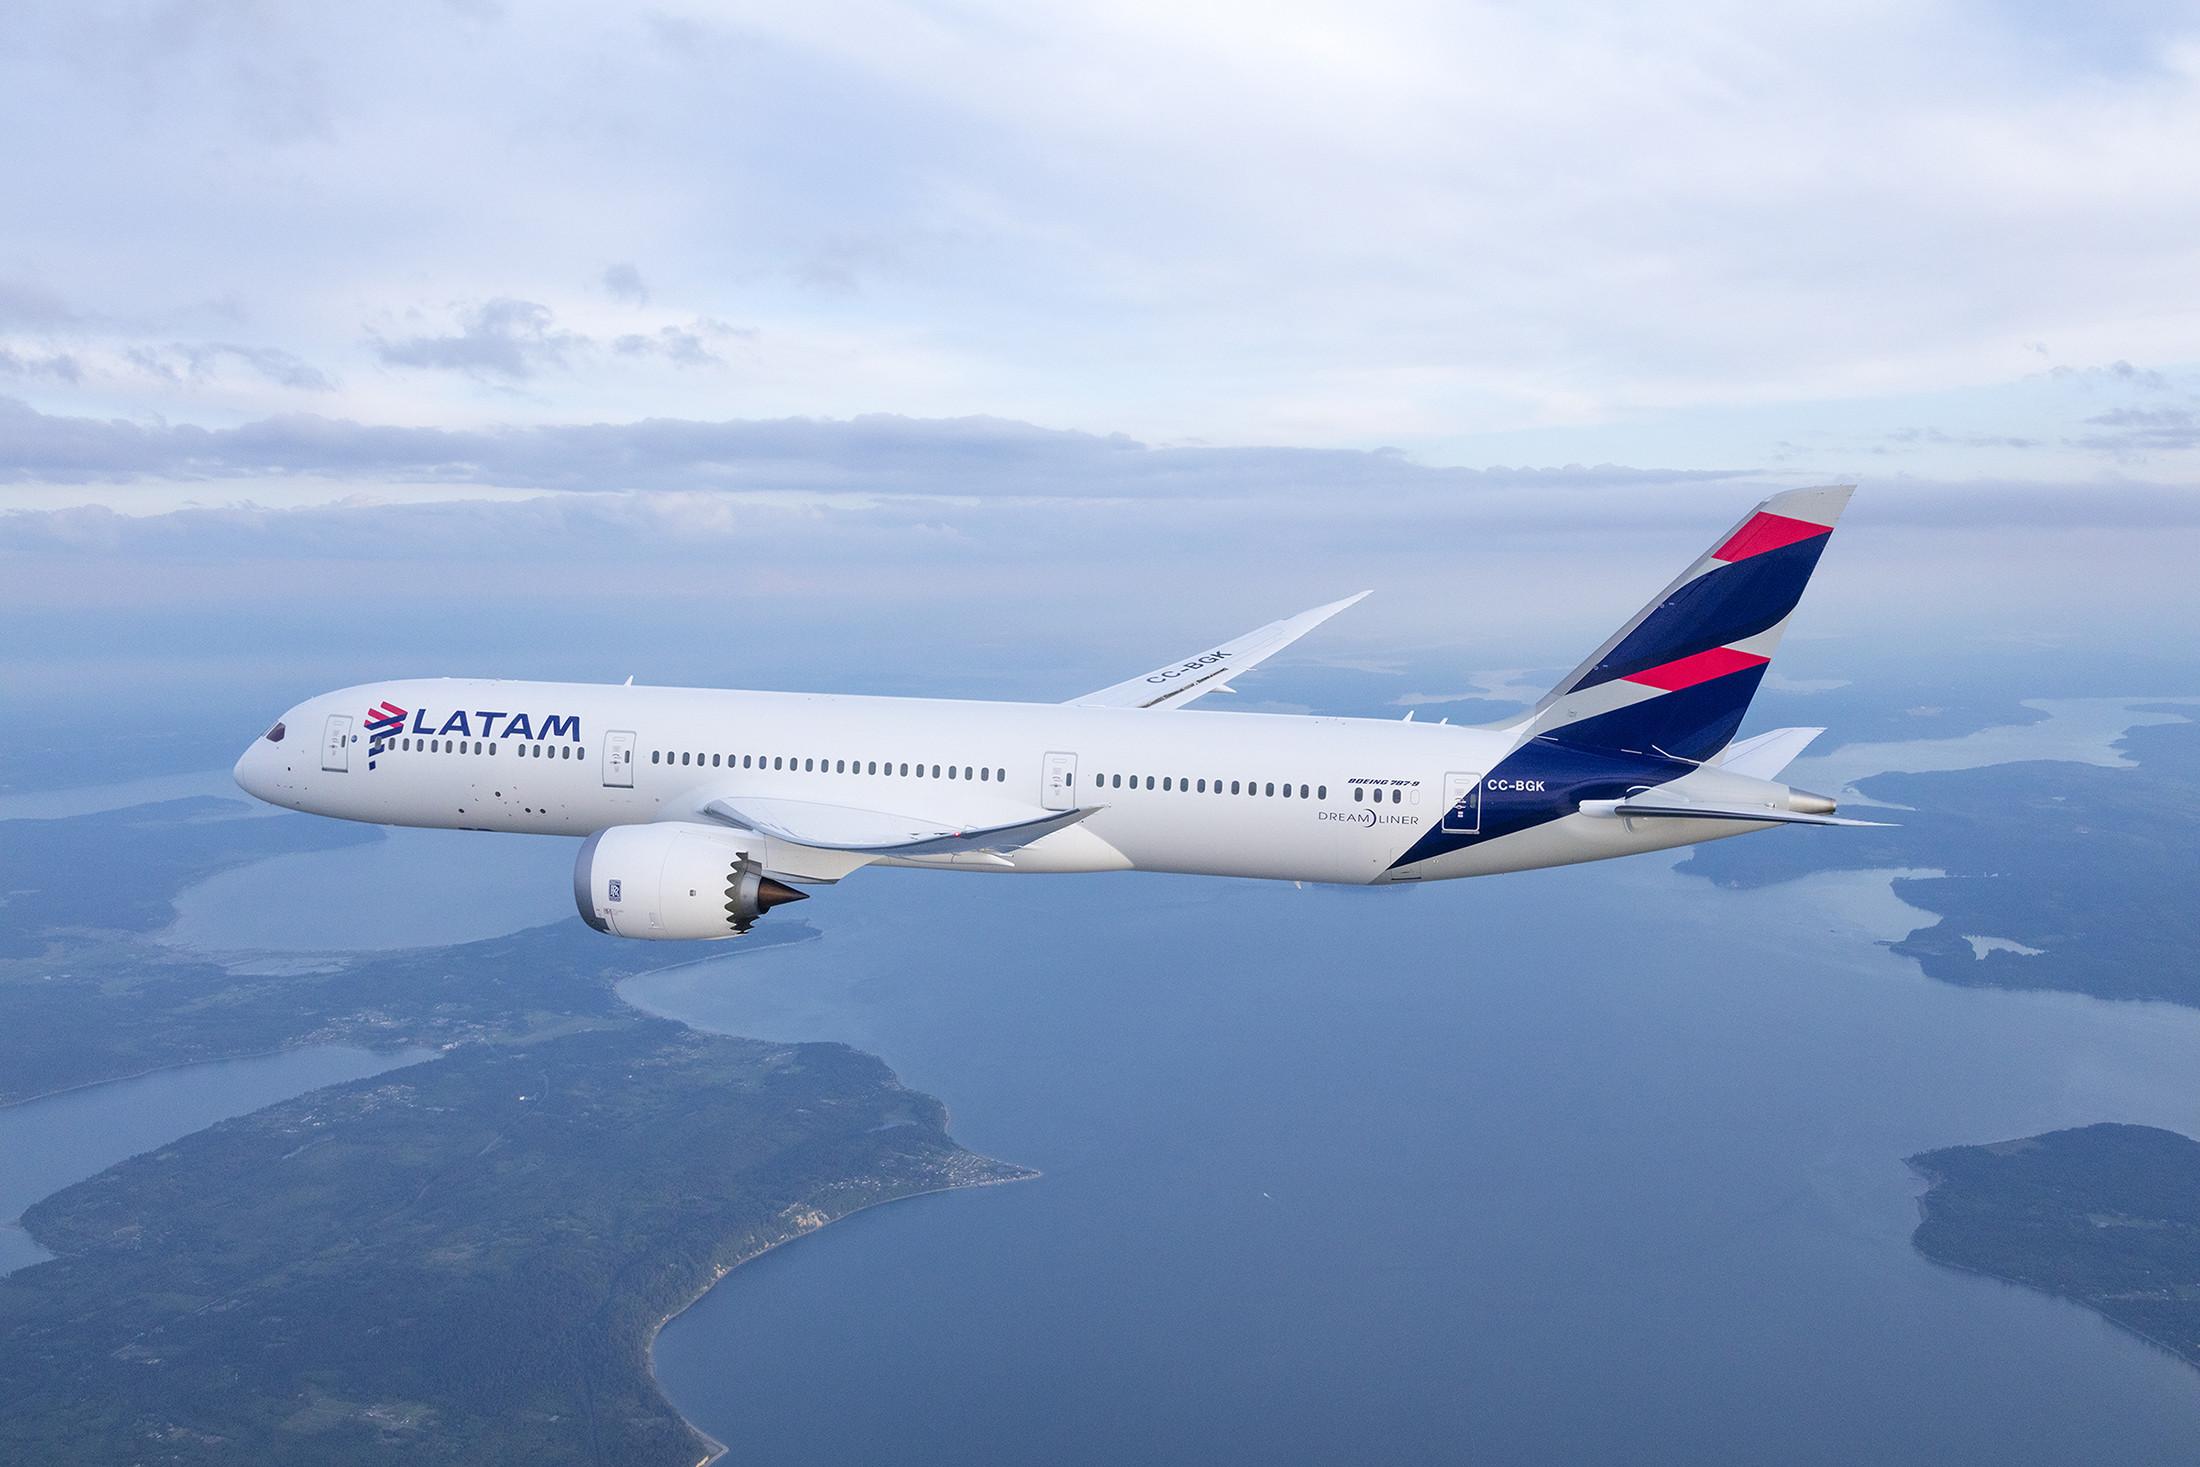 LATAM Boeing 787 Dreamliner